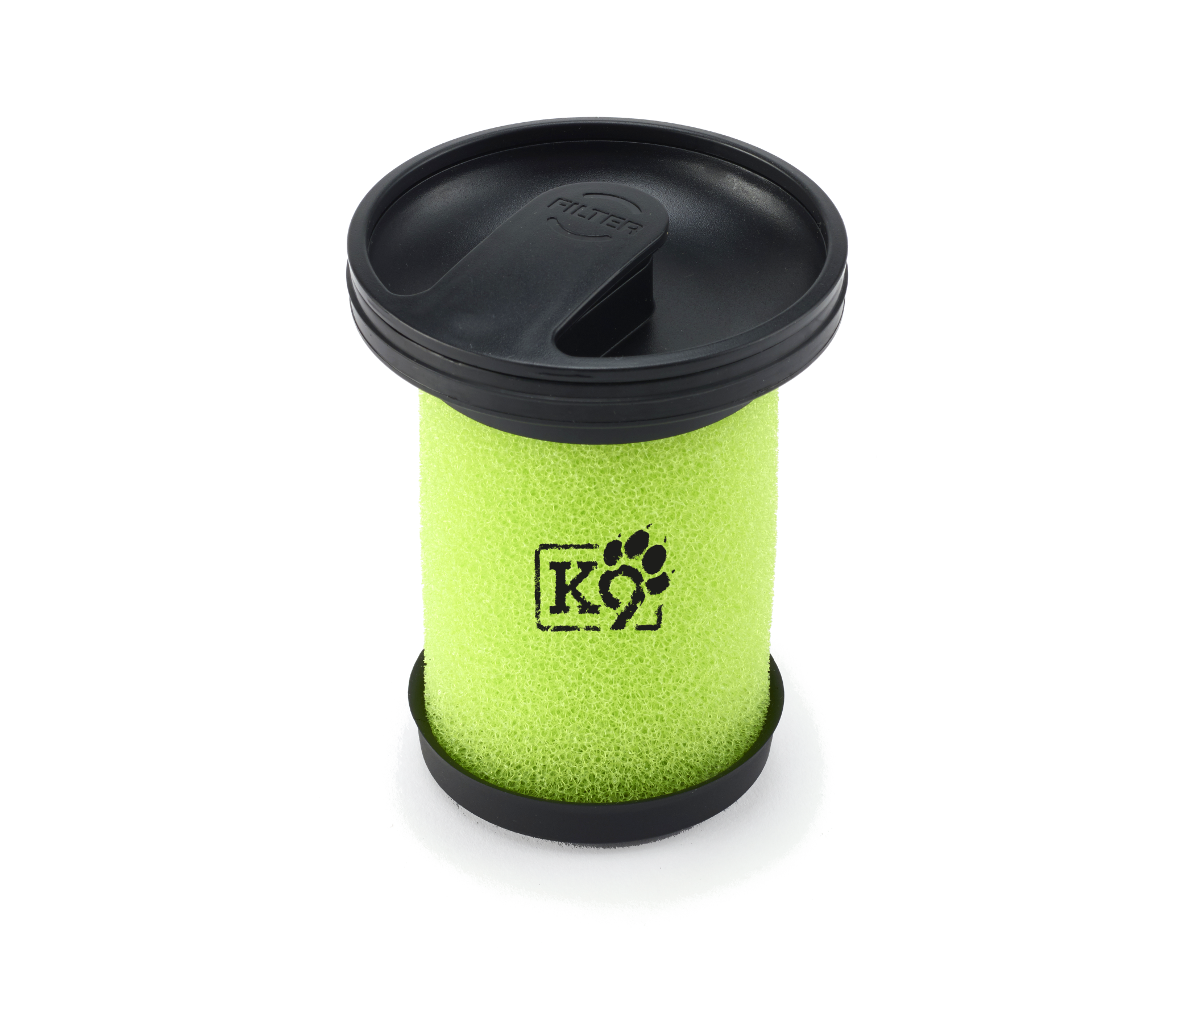 Gtech filtro di ricambio per Multi K9 + Power Floor K9